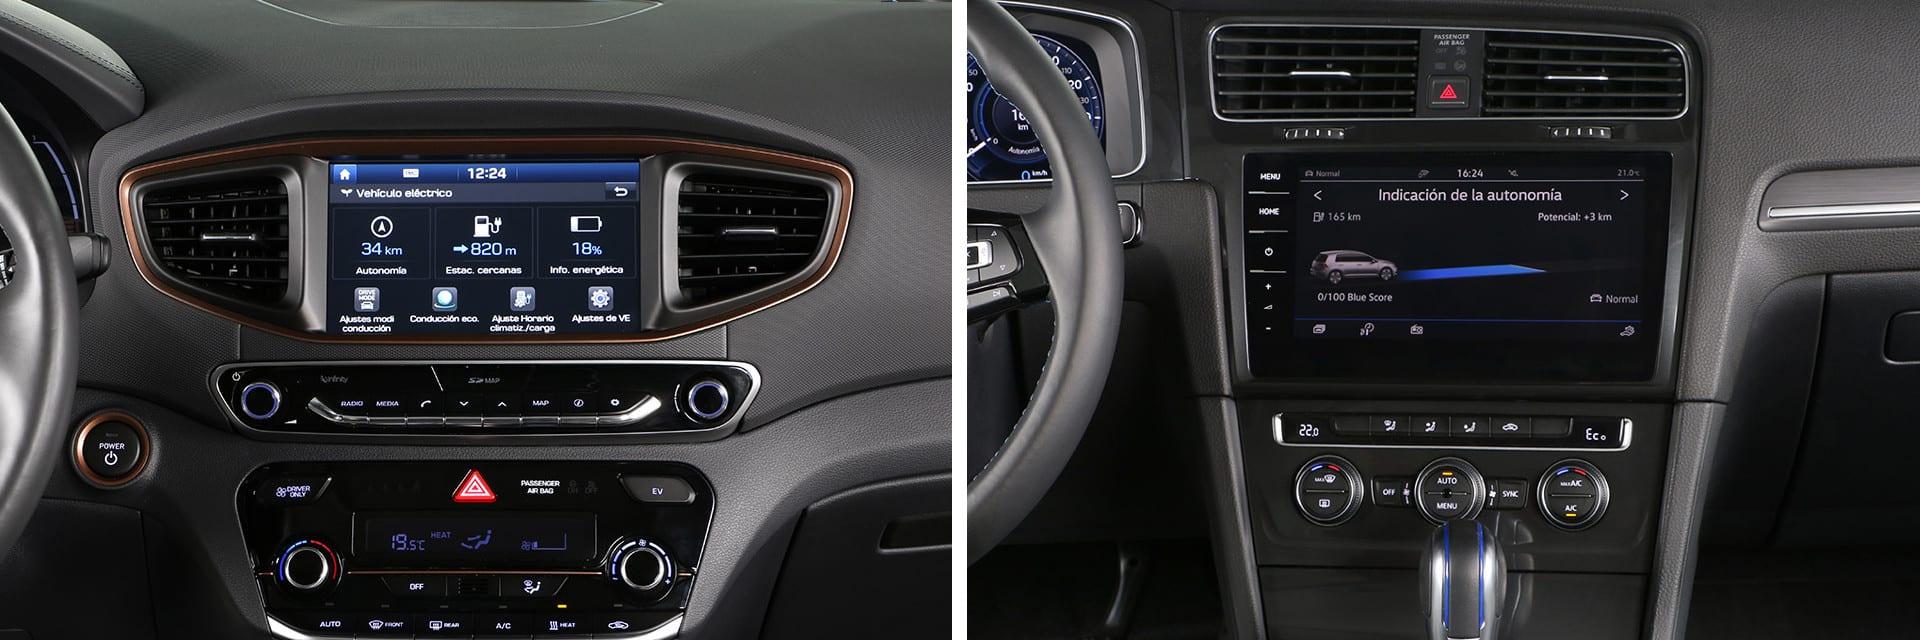 La pantalla del Volkswagen (dcha.) pueda manejarse mediante gestos y voz.